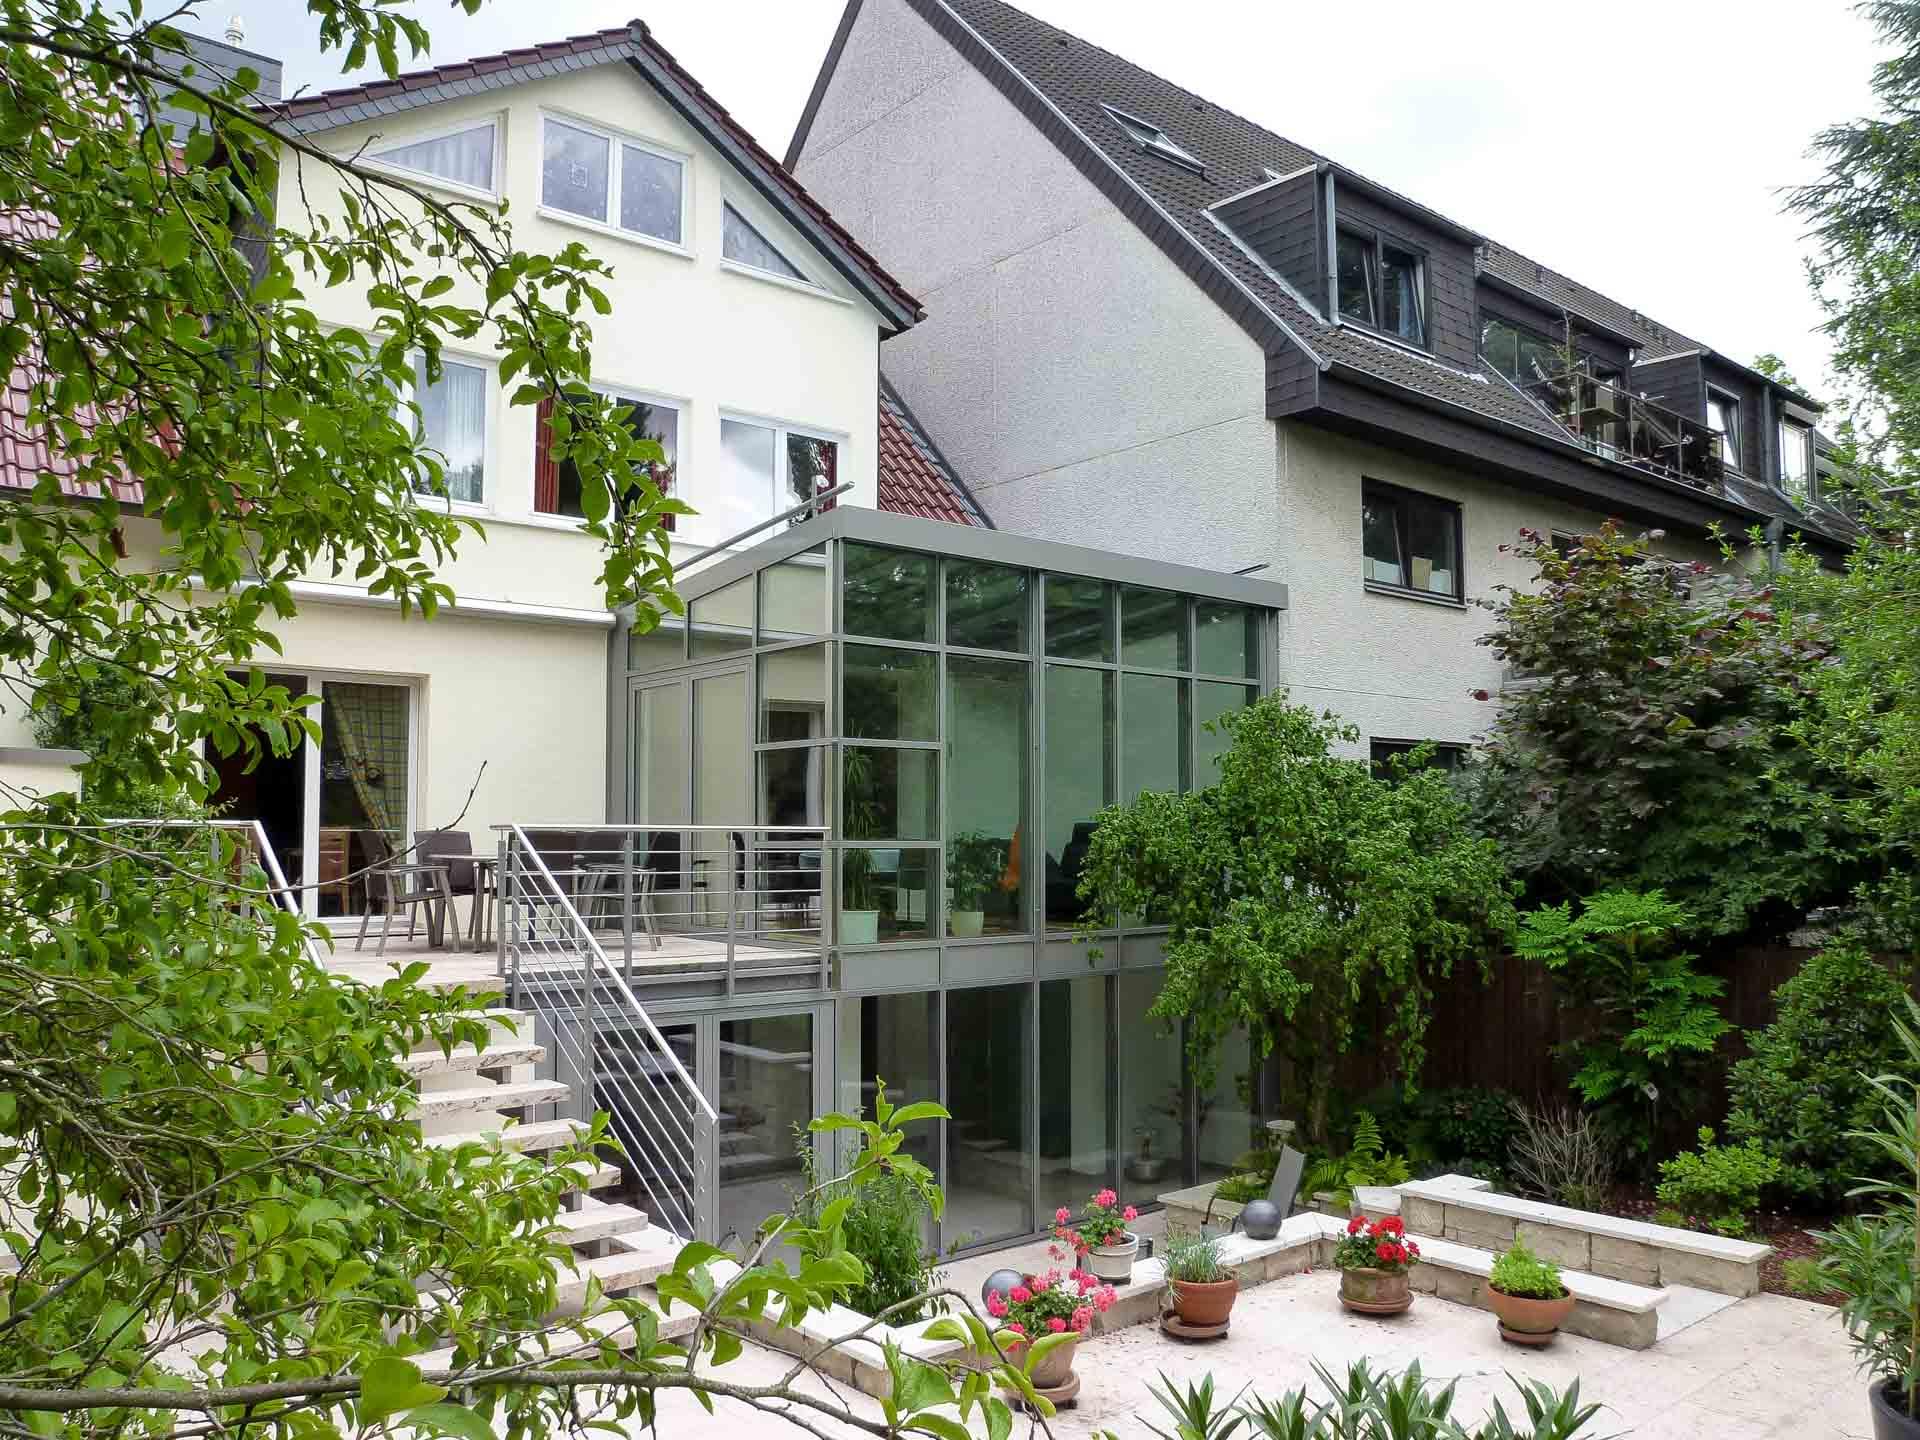 FineArt Wintergarten in Düsseldorf (Objekt 1103). Feine, schlanke Profilansichten und geschickte Linienführung verleihen dem Wintergarten zeitlose Eleganz